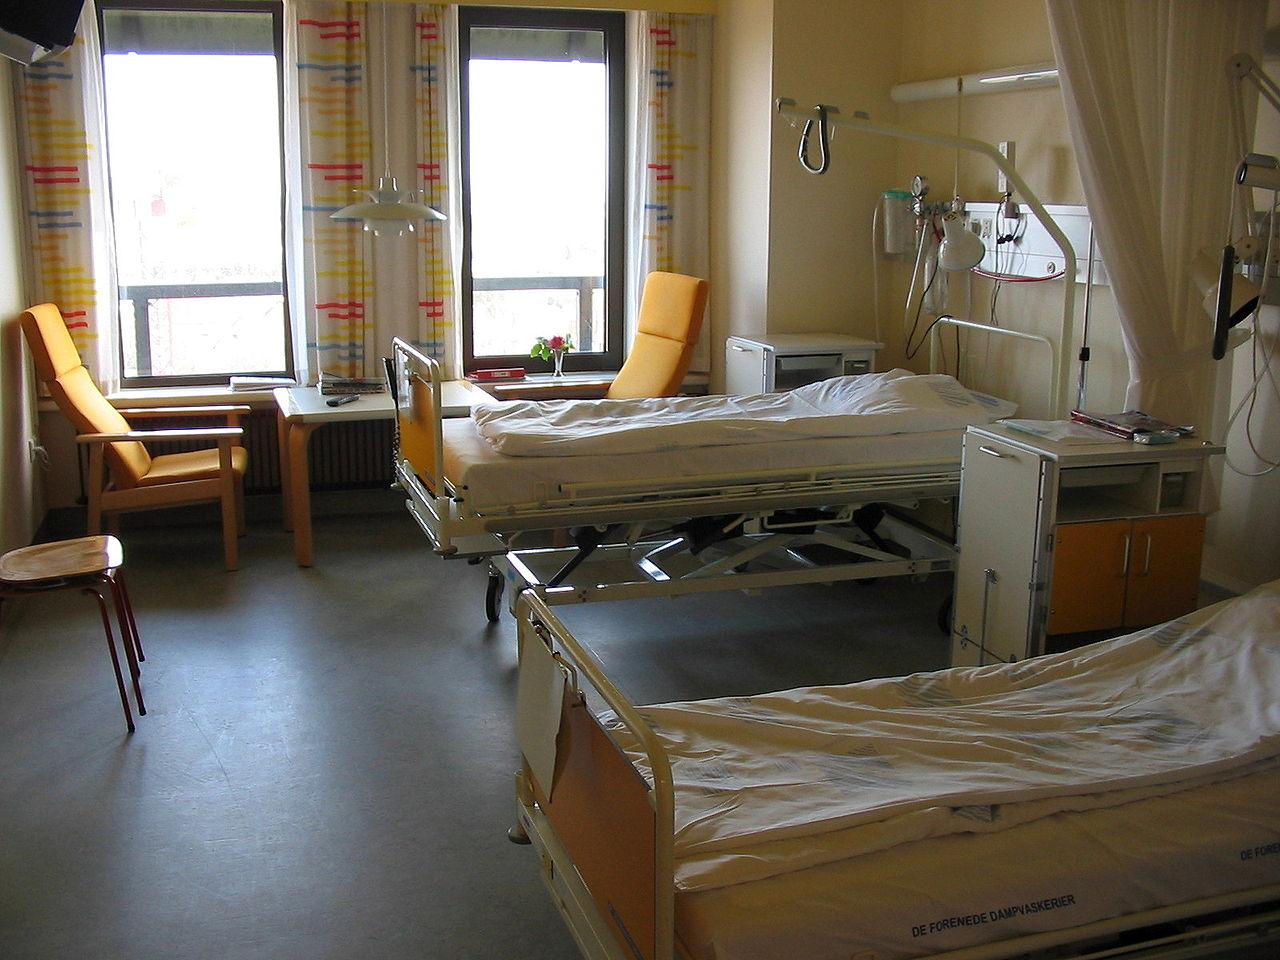 """בעזה מאשימים: הרש""""פ מונעת מחולים בעזה לצאת לטיפולים בישראל"""